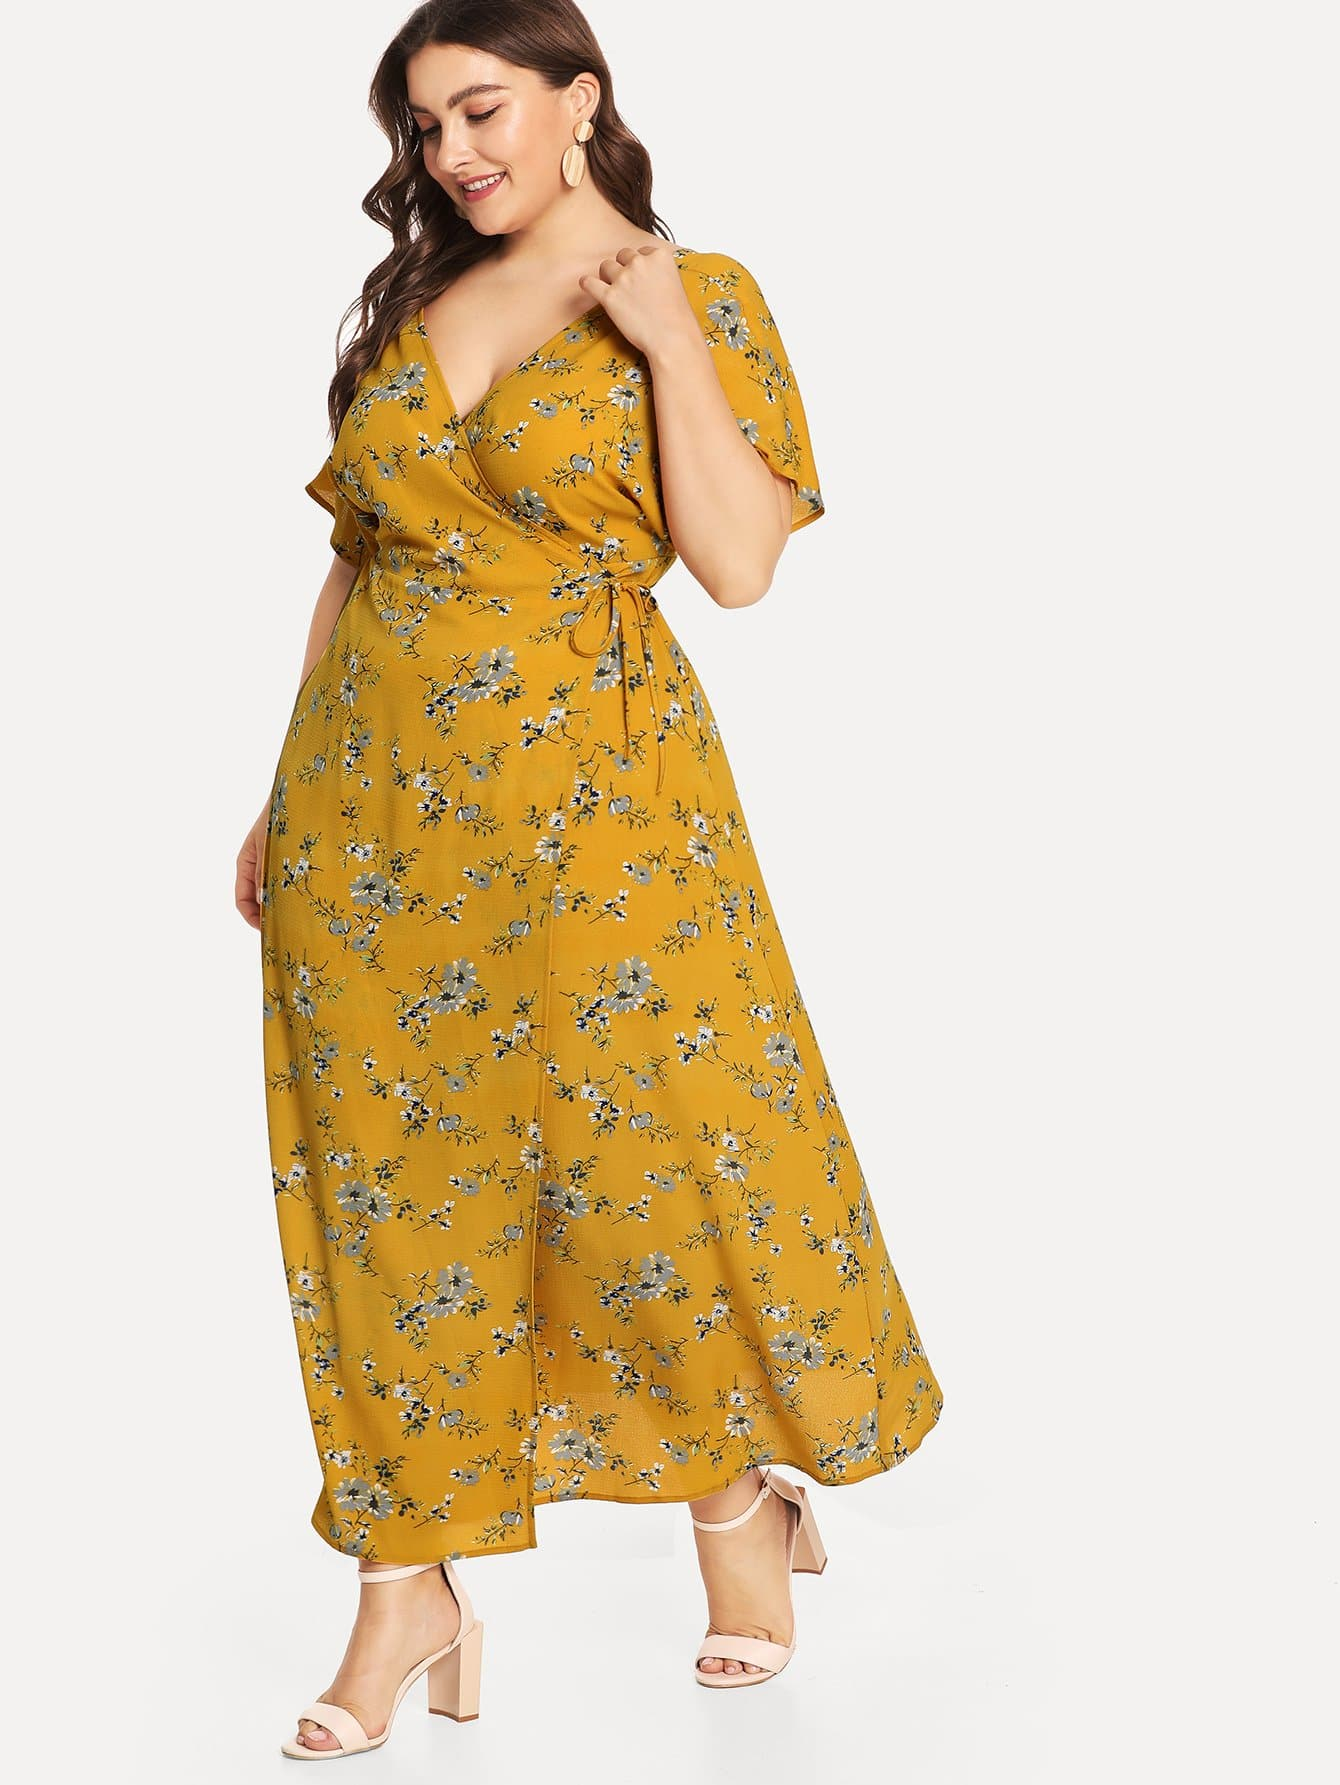 Купить Платье для печати с двойным V-образным вырезом, Franziska, SheIn